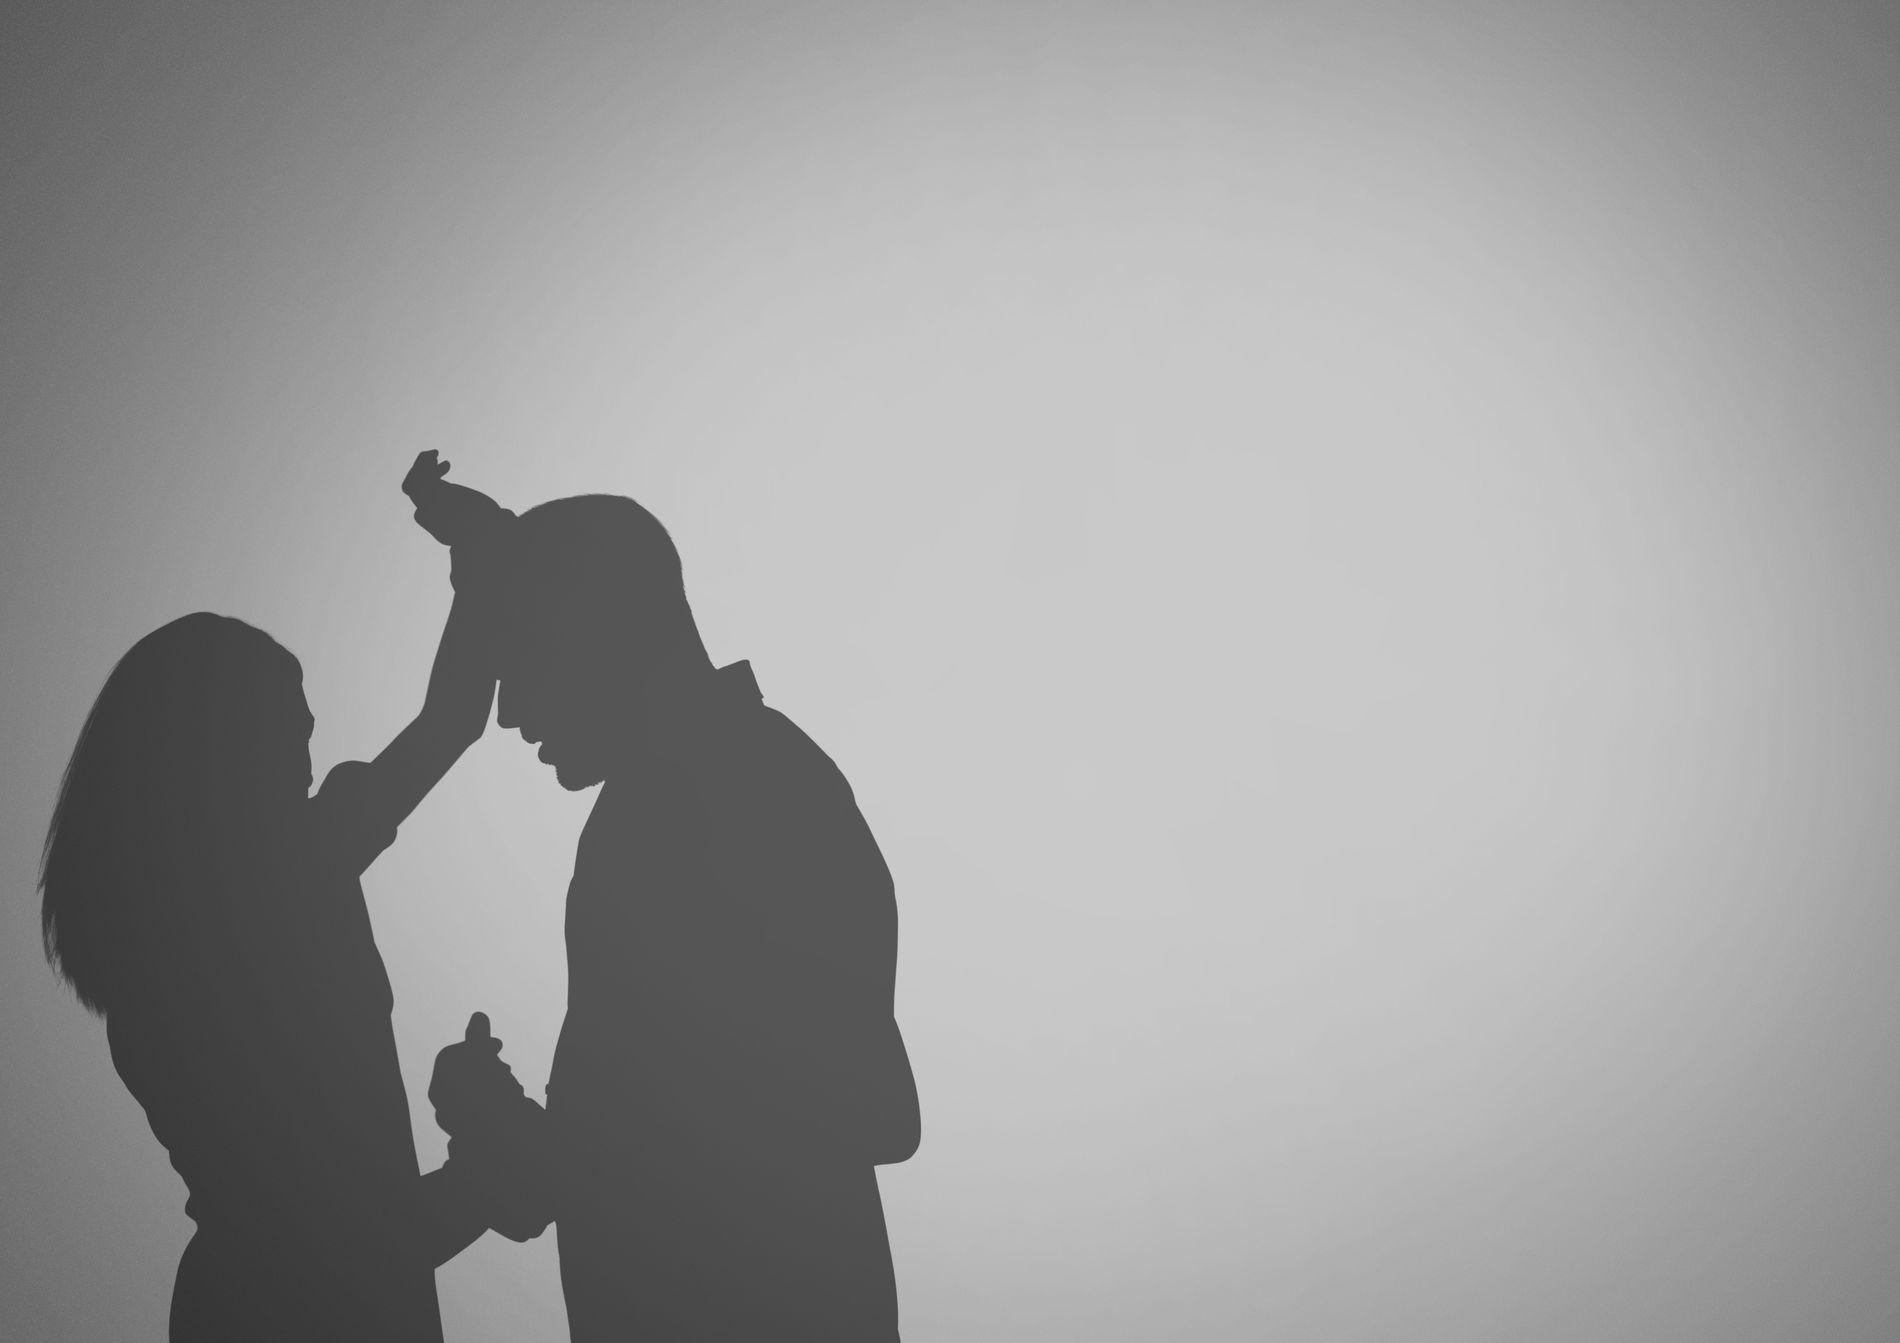 LITE OPPMERKSOMHET: Mens det er blitt mer oppmerksomhet om at de fleste voldtekter skjer mellom personer som kjenner hverandre – som venner, kolleger og bekjente, er det fortsatt lite oppmerksomhet om seksuelle overgrep i parforholdet, skriver forsker Margunn Bjørnholt. Illustrasjon: vectorfusionart / Shutterstock / NTB scanpix